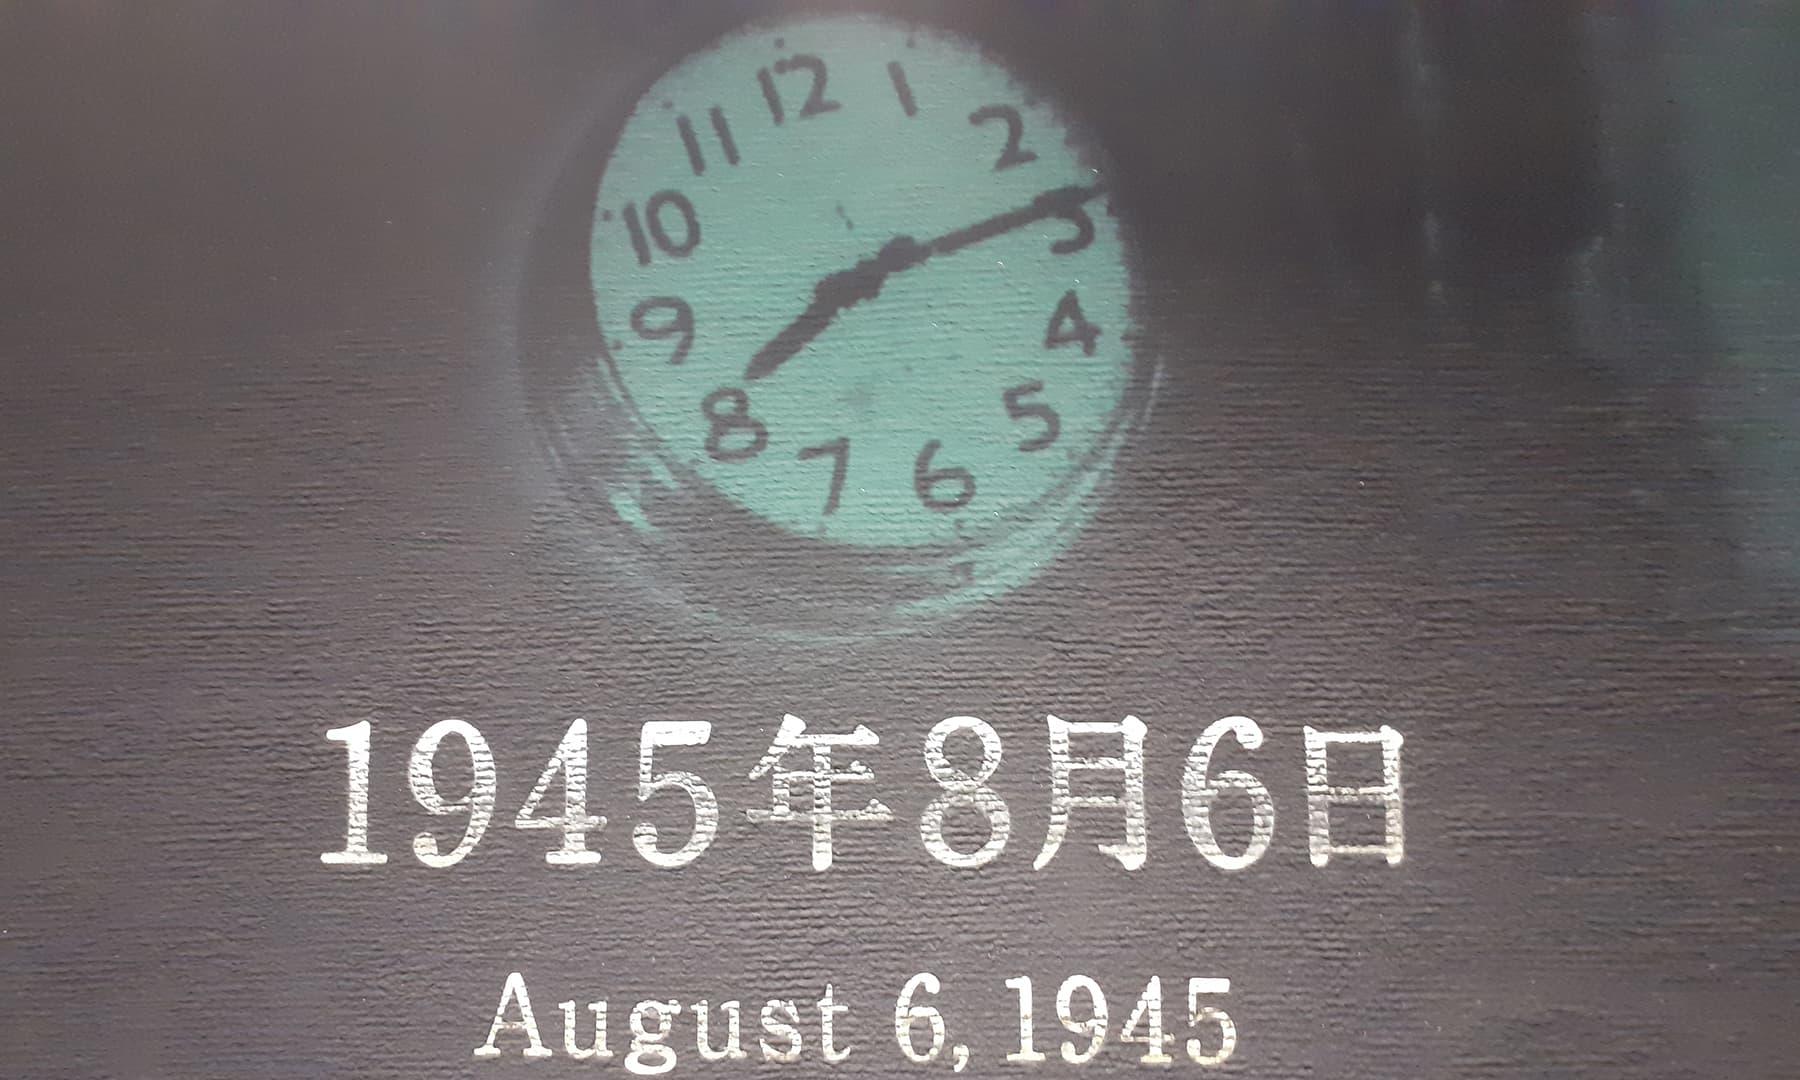 گھڑیاں 8 بج کر 14 منٹ بجا رہی تھیں اور پھر ٹھیک ایک منٹ بعد، وہ قیامت اس شہر پر ٹوٹی، جس پر آج تک انسانیت دکھی ہے